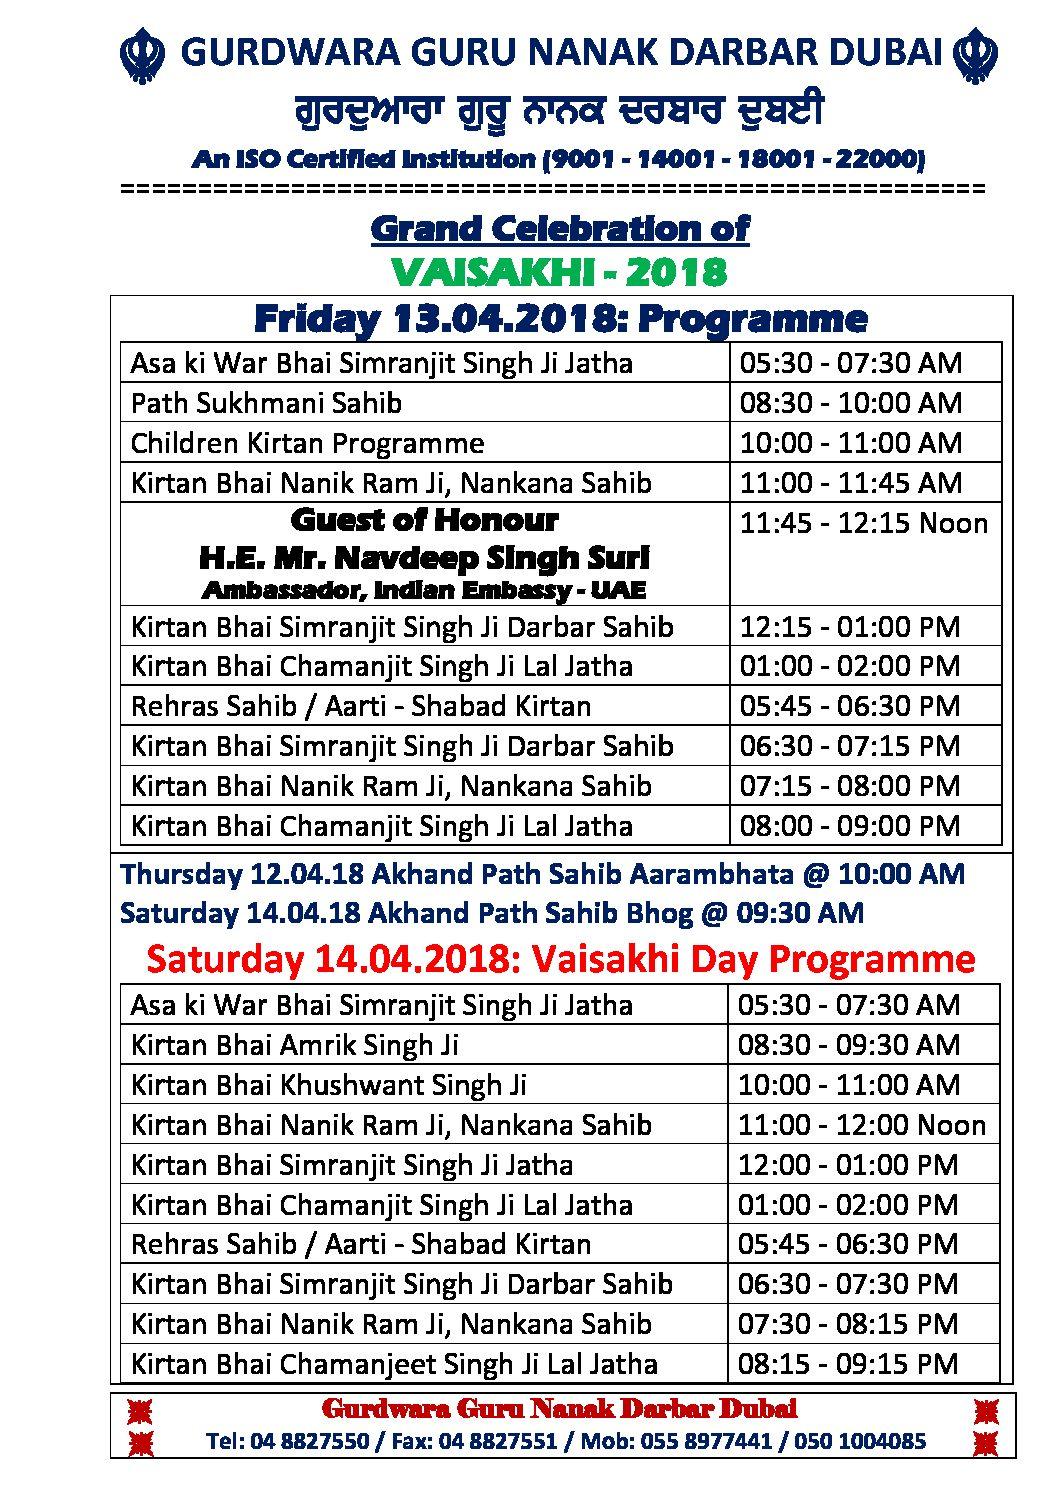 Author Admin Page 3  >> Admin Page 3 Gurunanak Darbar Dubai